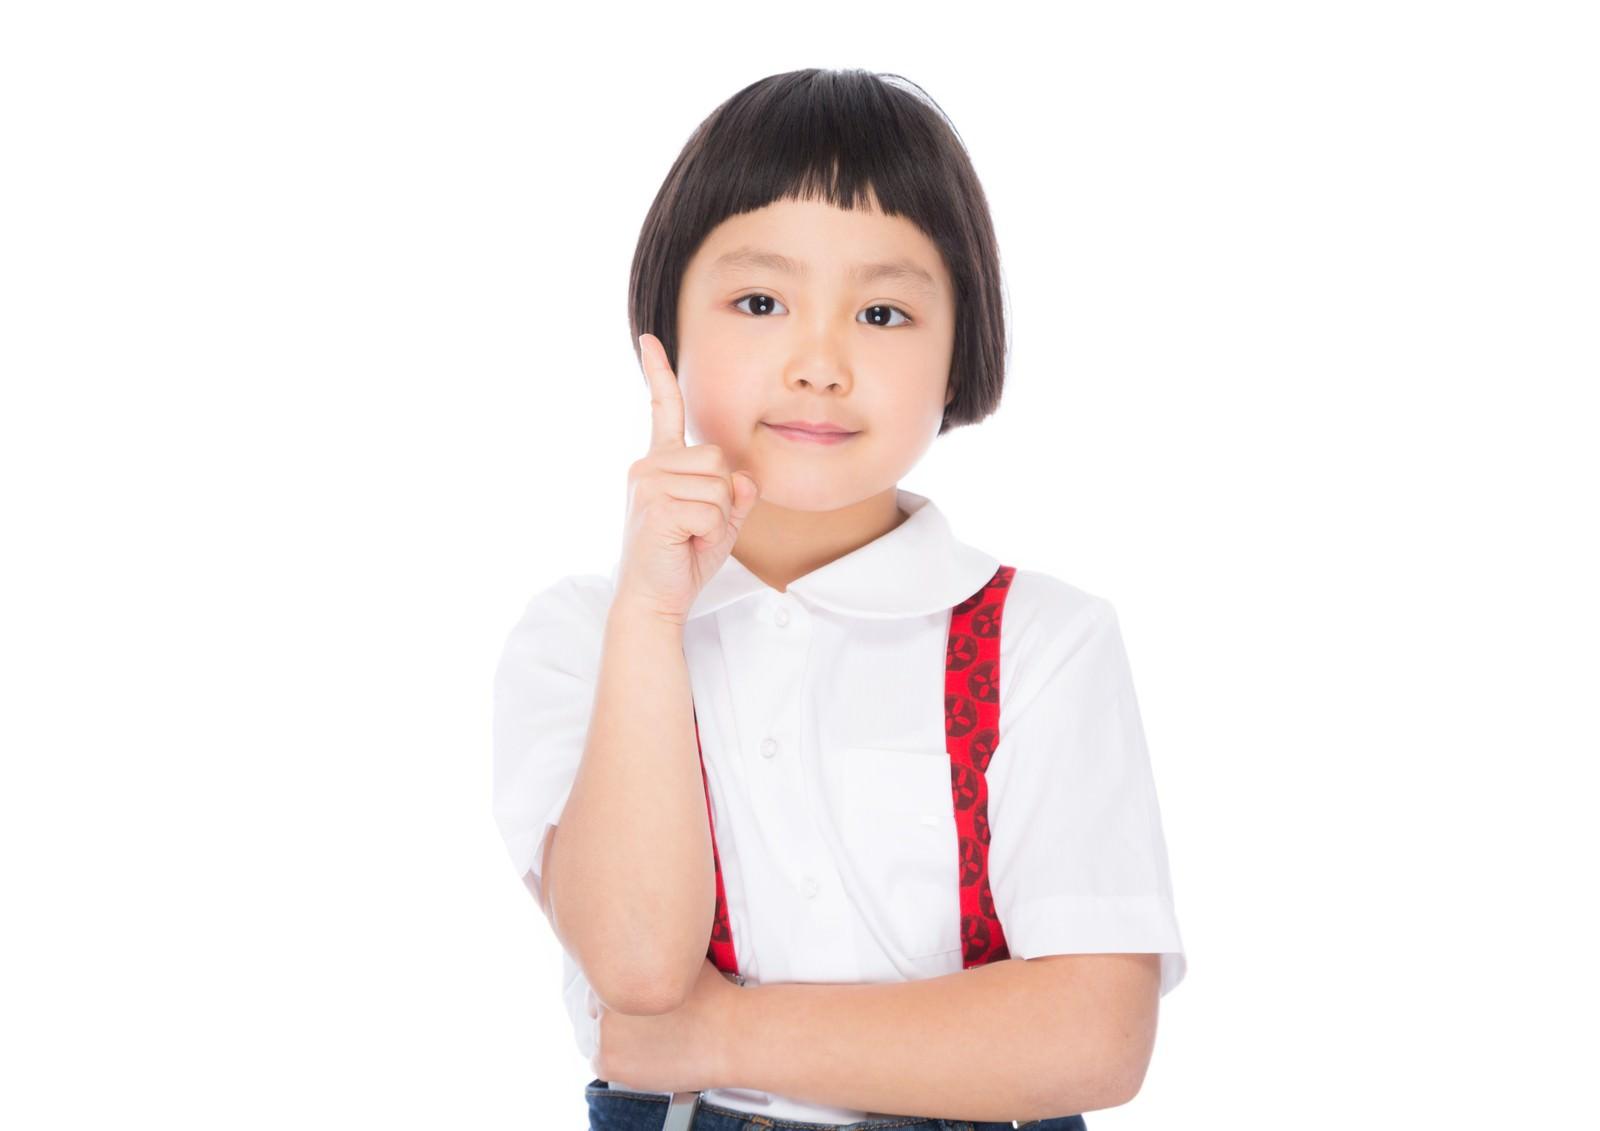 「子供ワンポイントアドバイス!」[モデル:ゆうき]